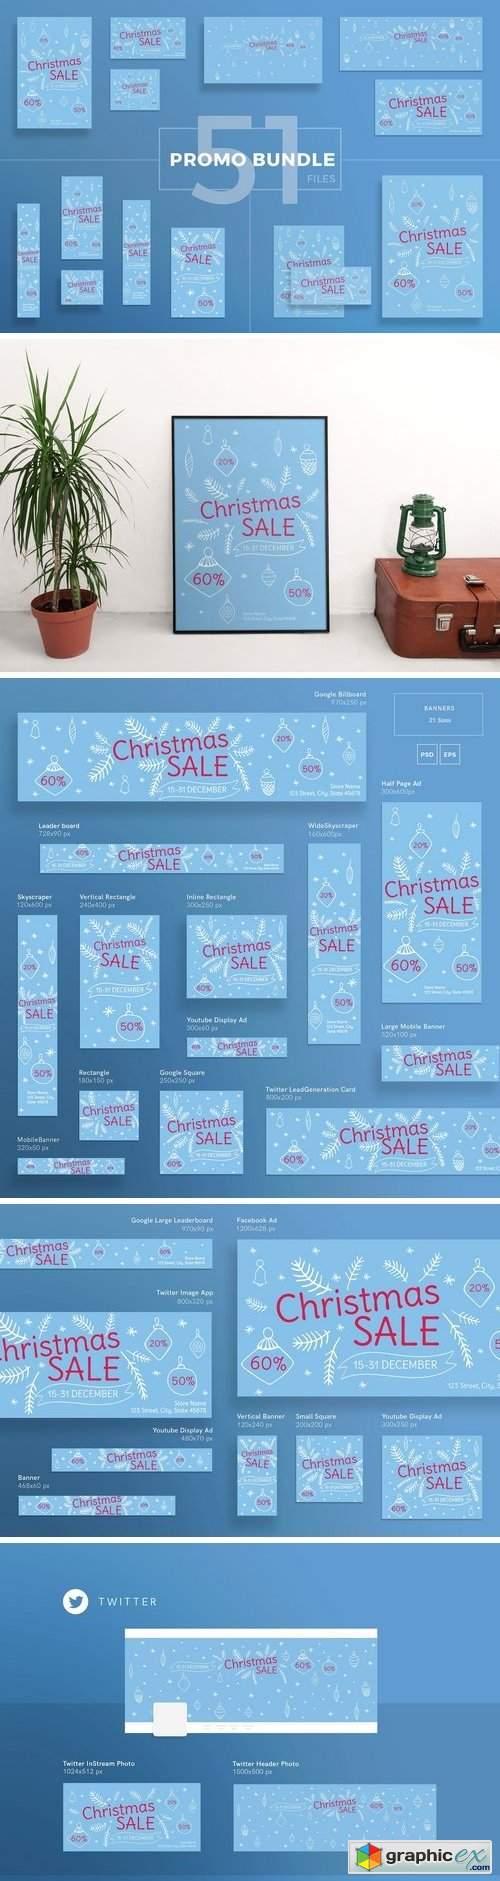 Promo Bundle | Christmas Sale